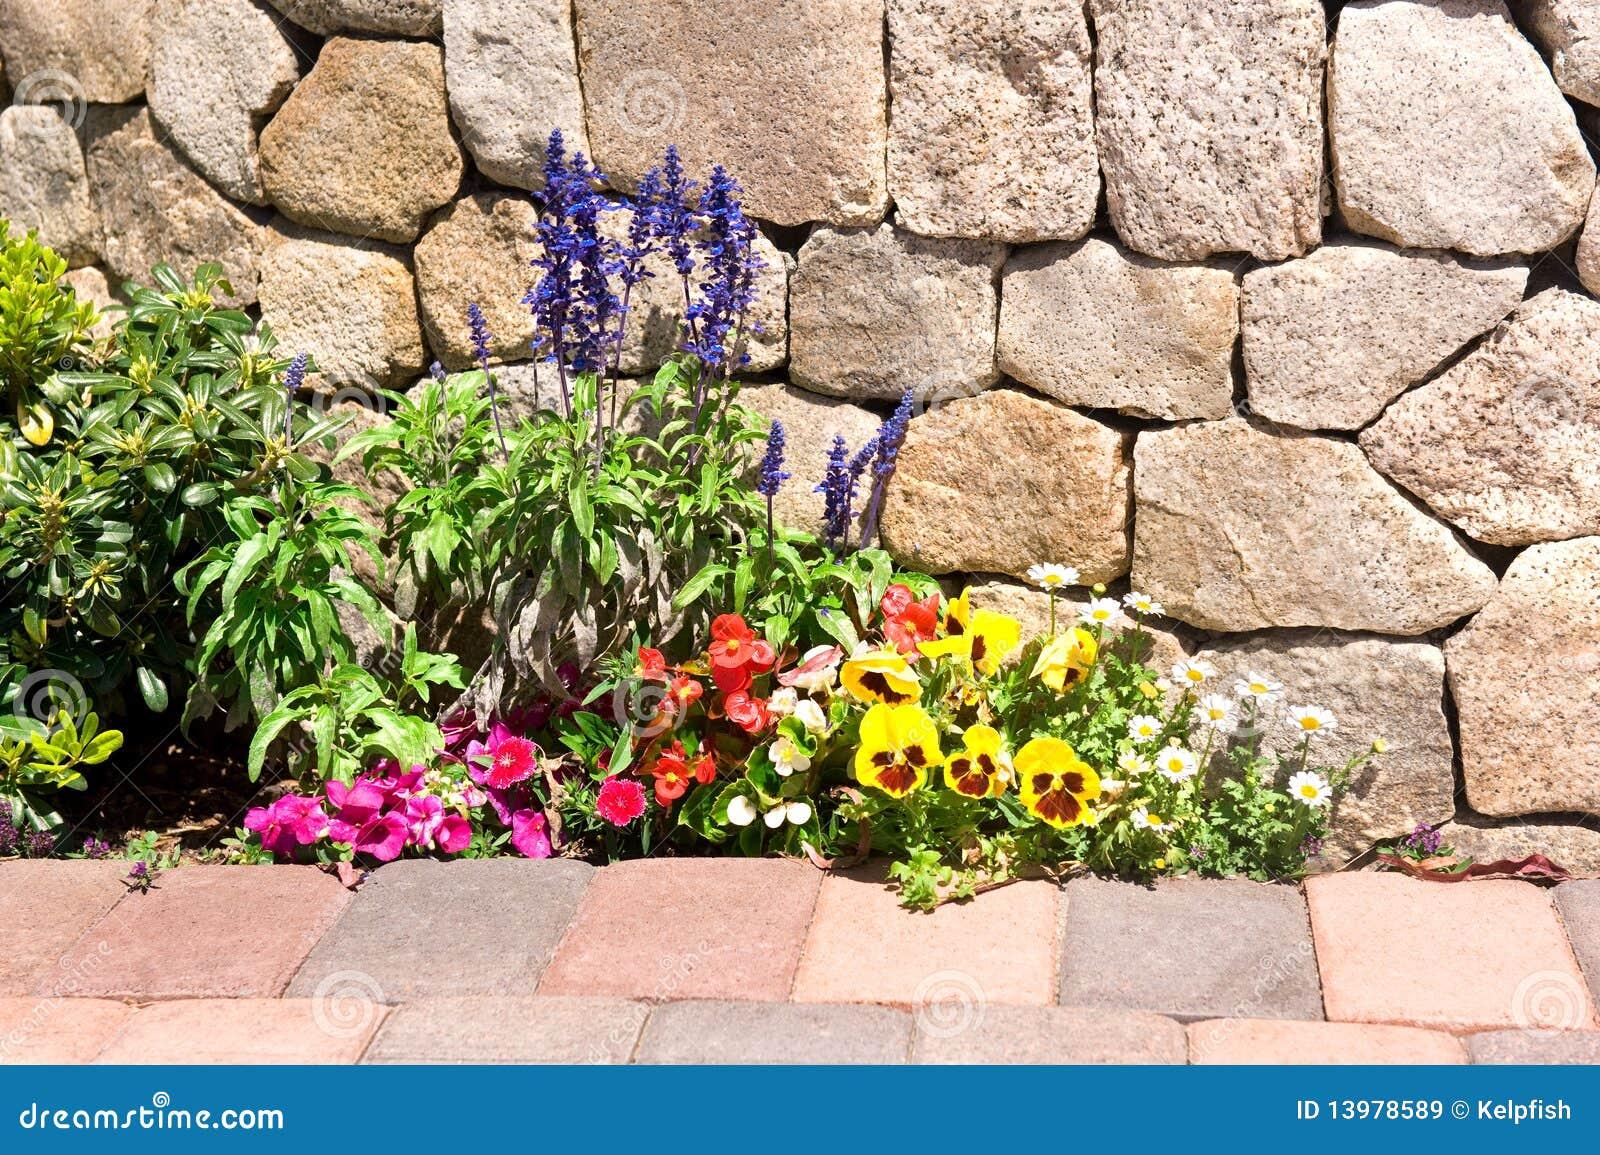 jardim pedras e flores:Stone Walls and Flower Gardens